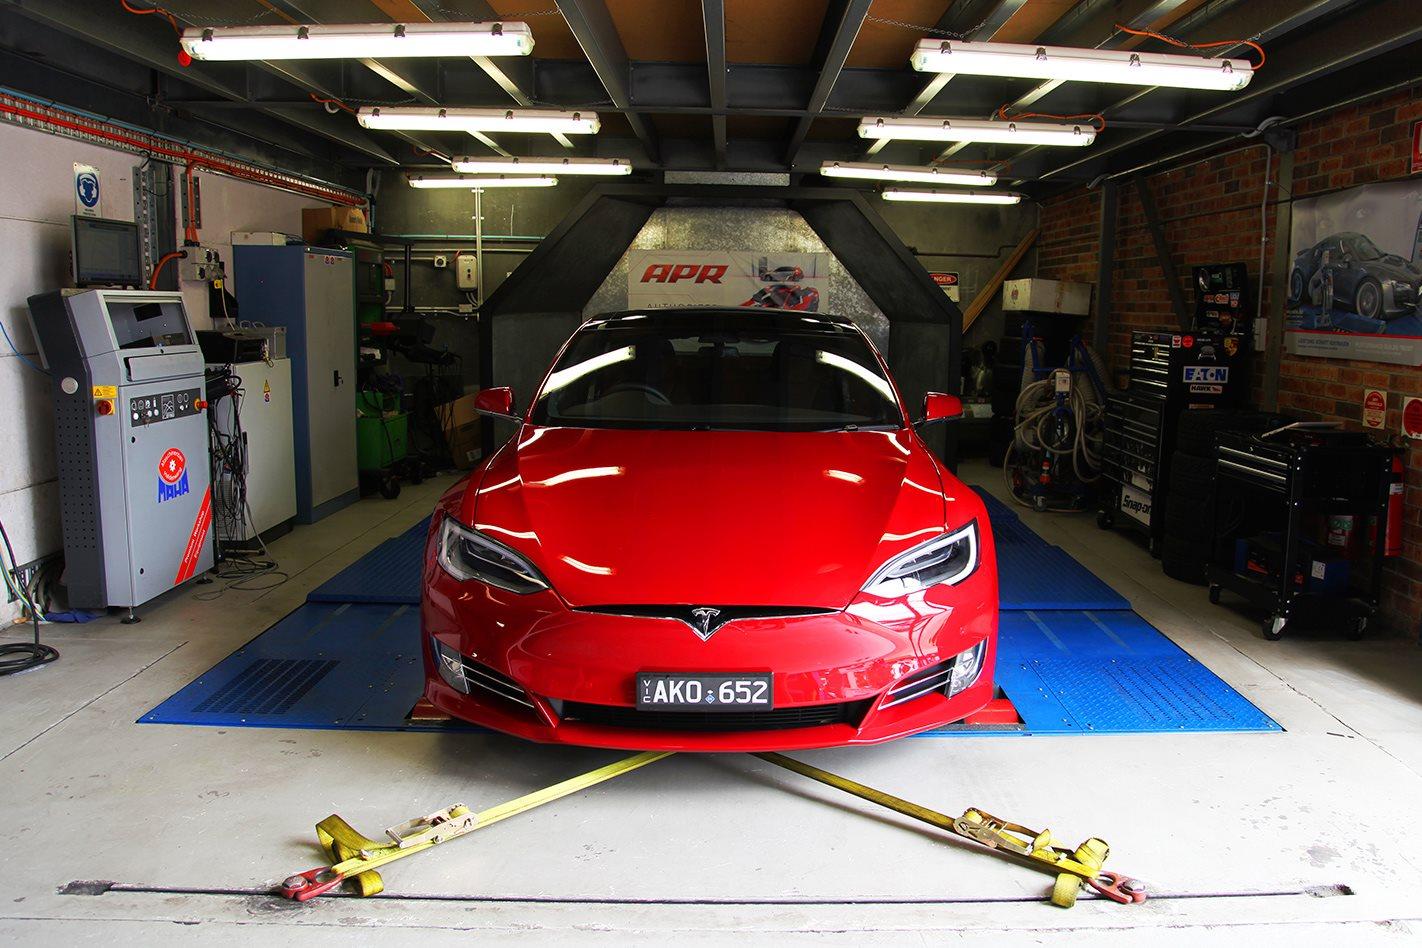 Tesla on dyno 3